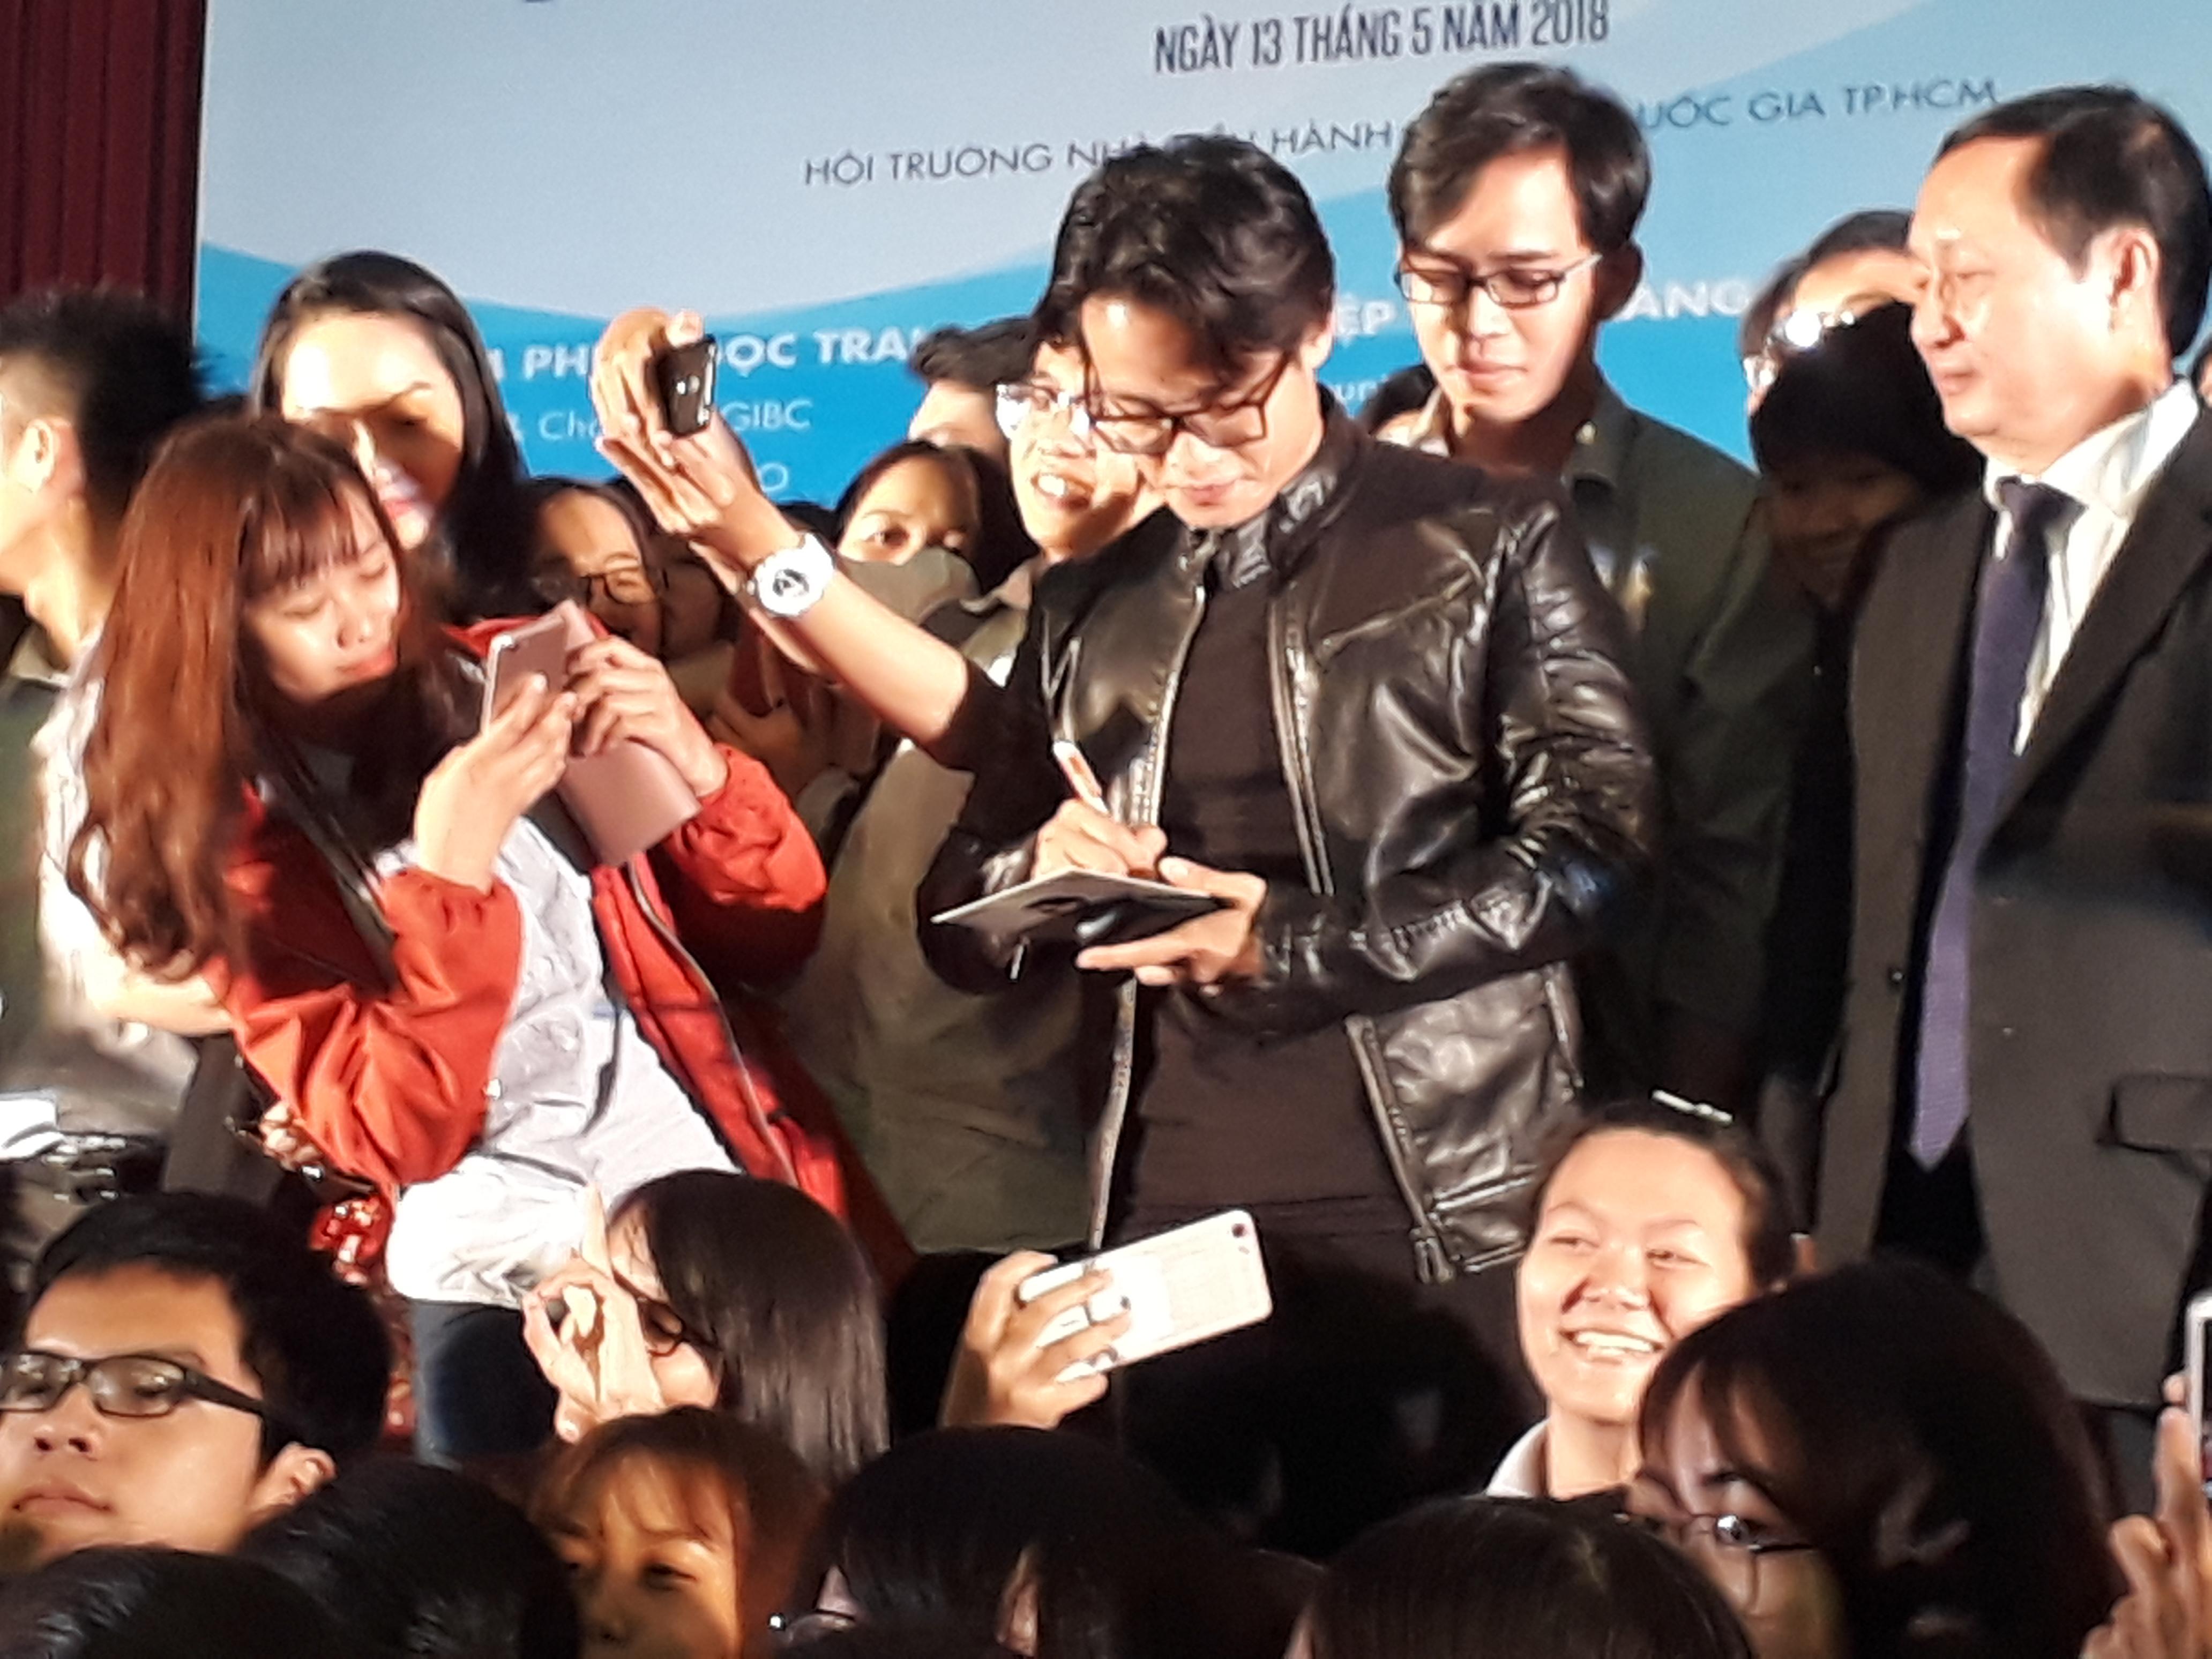 Ca sĩ Hà Anh Tuấn: 'Giàu phải bền vững, đừng giàu nhanh sẽ mất nhanh' 1